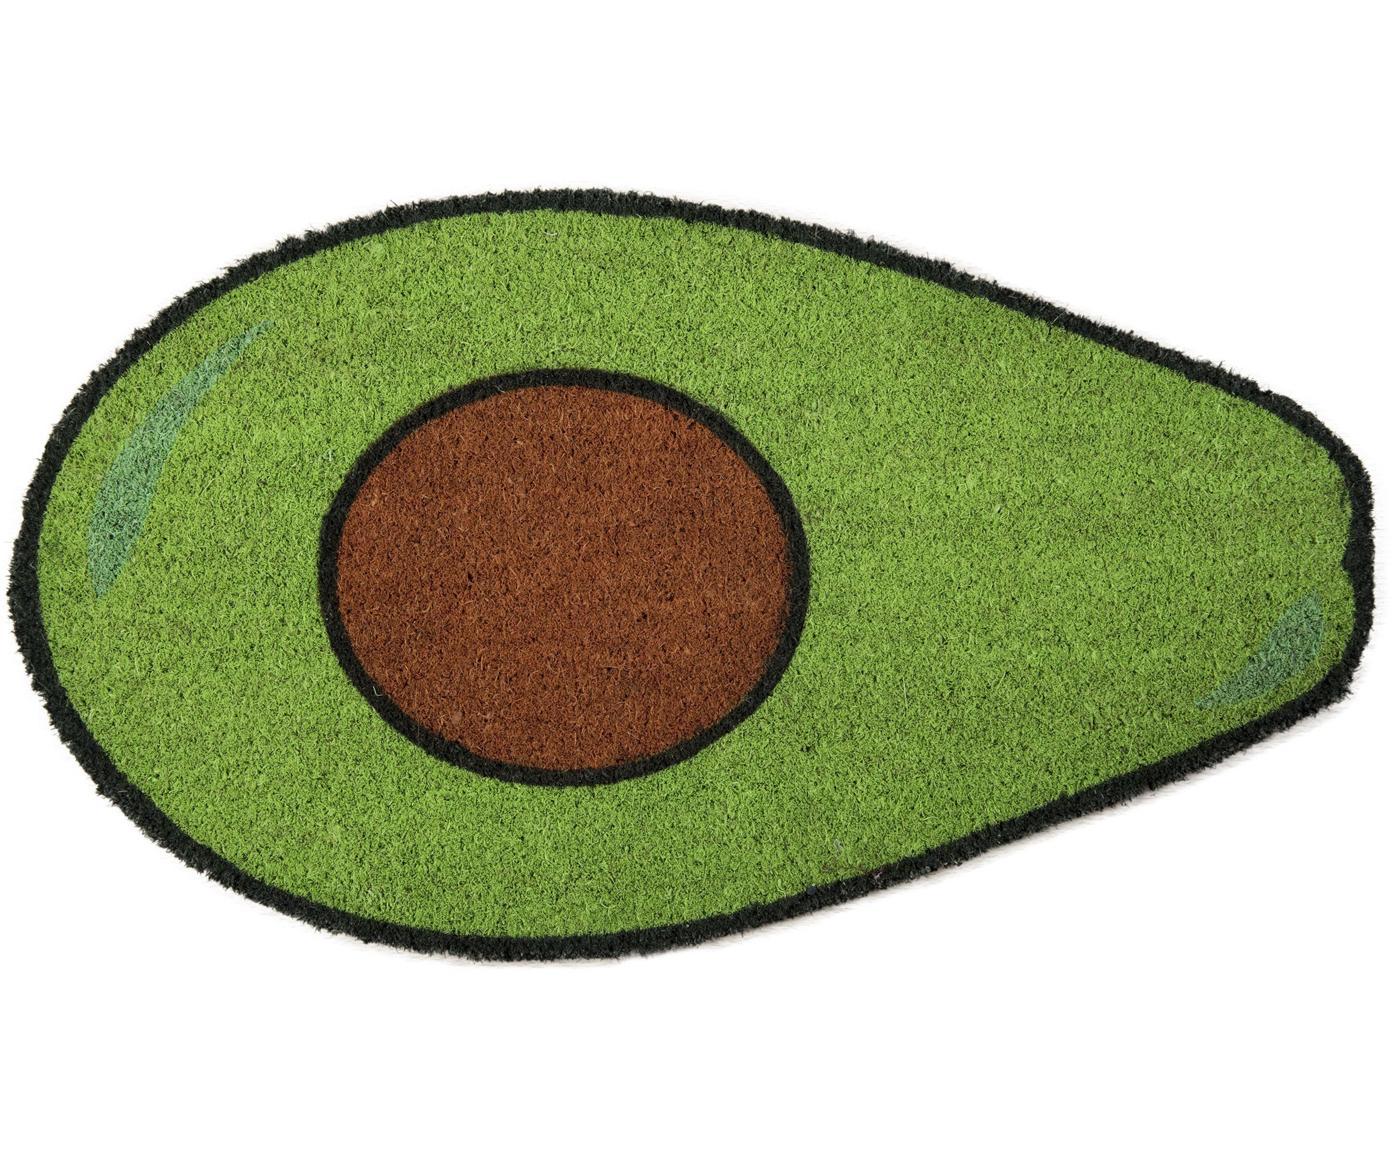 Fussmatte Avocado, Oberseite: Kokosfaser, Unterseite: PVC, Grün, Braun, Schwarz, 40 x 70 cm